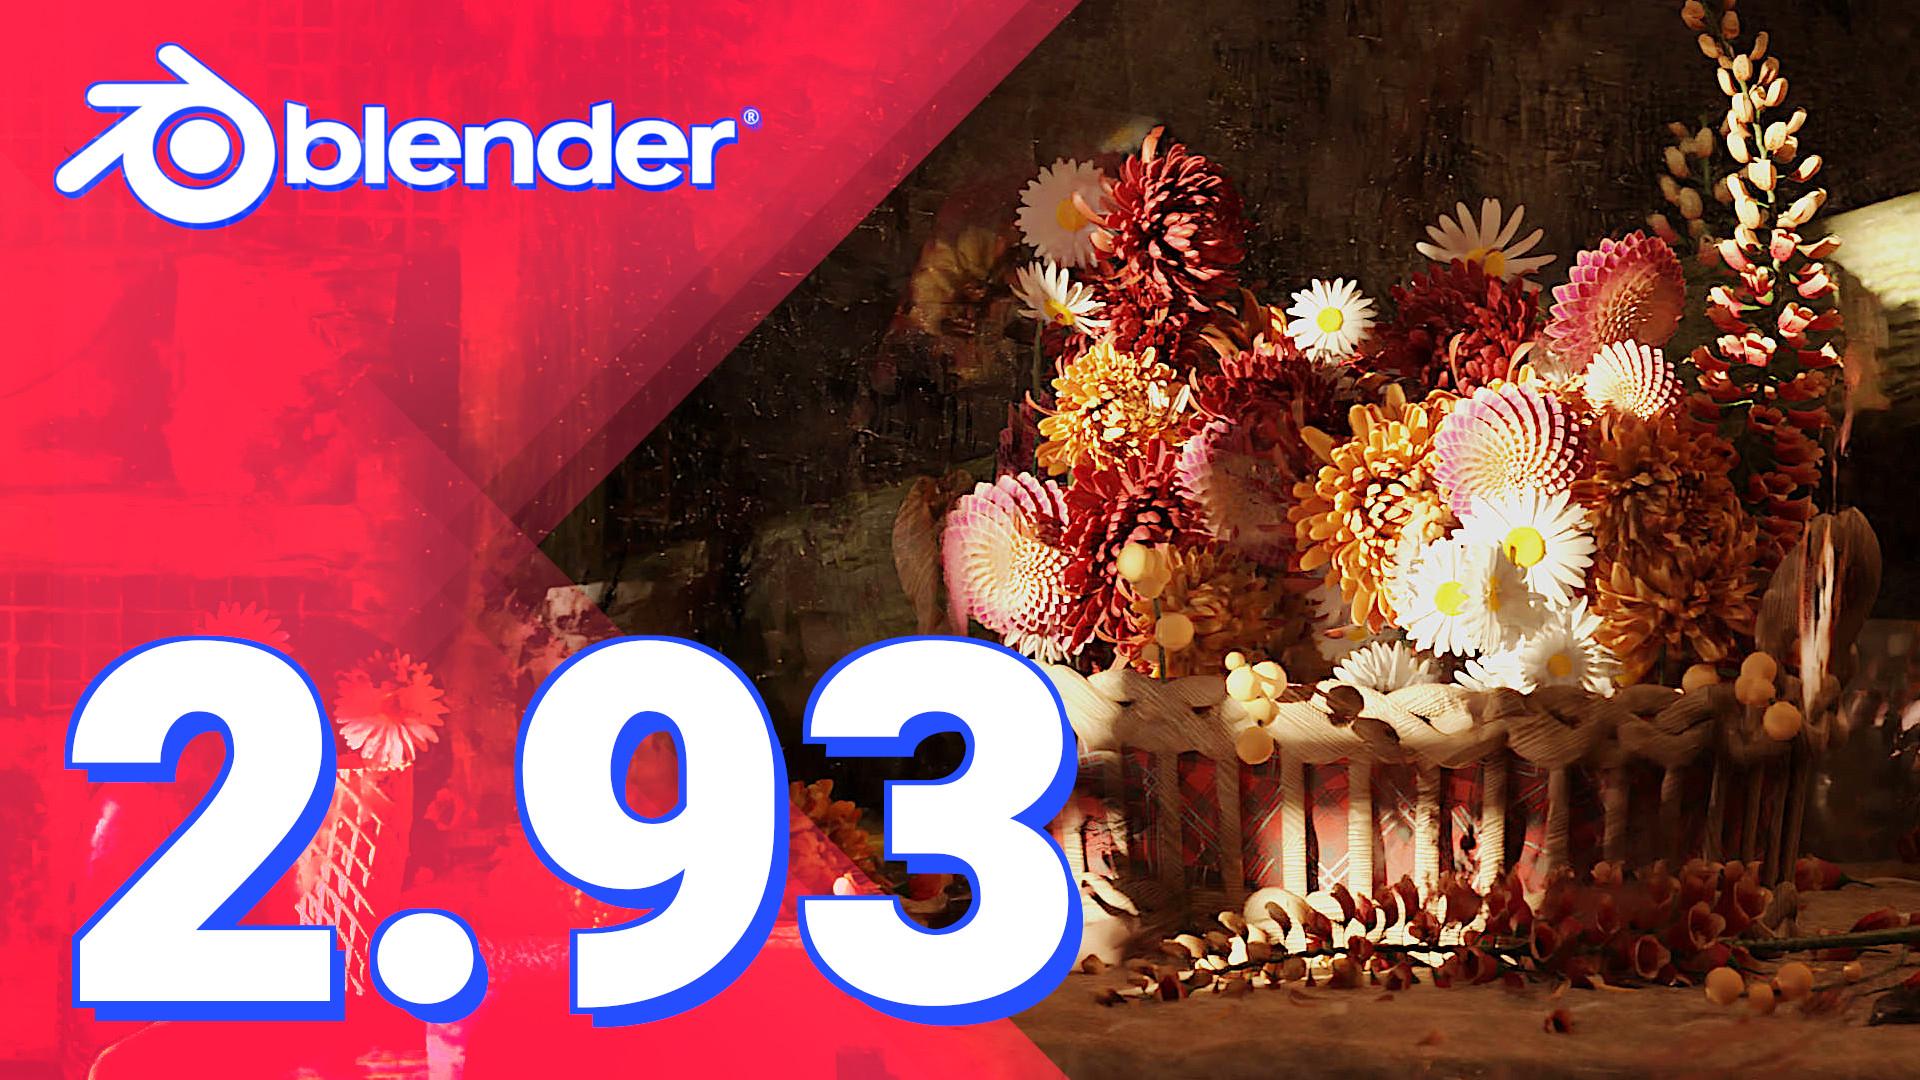 Blender 2.93 LTS